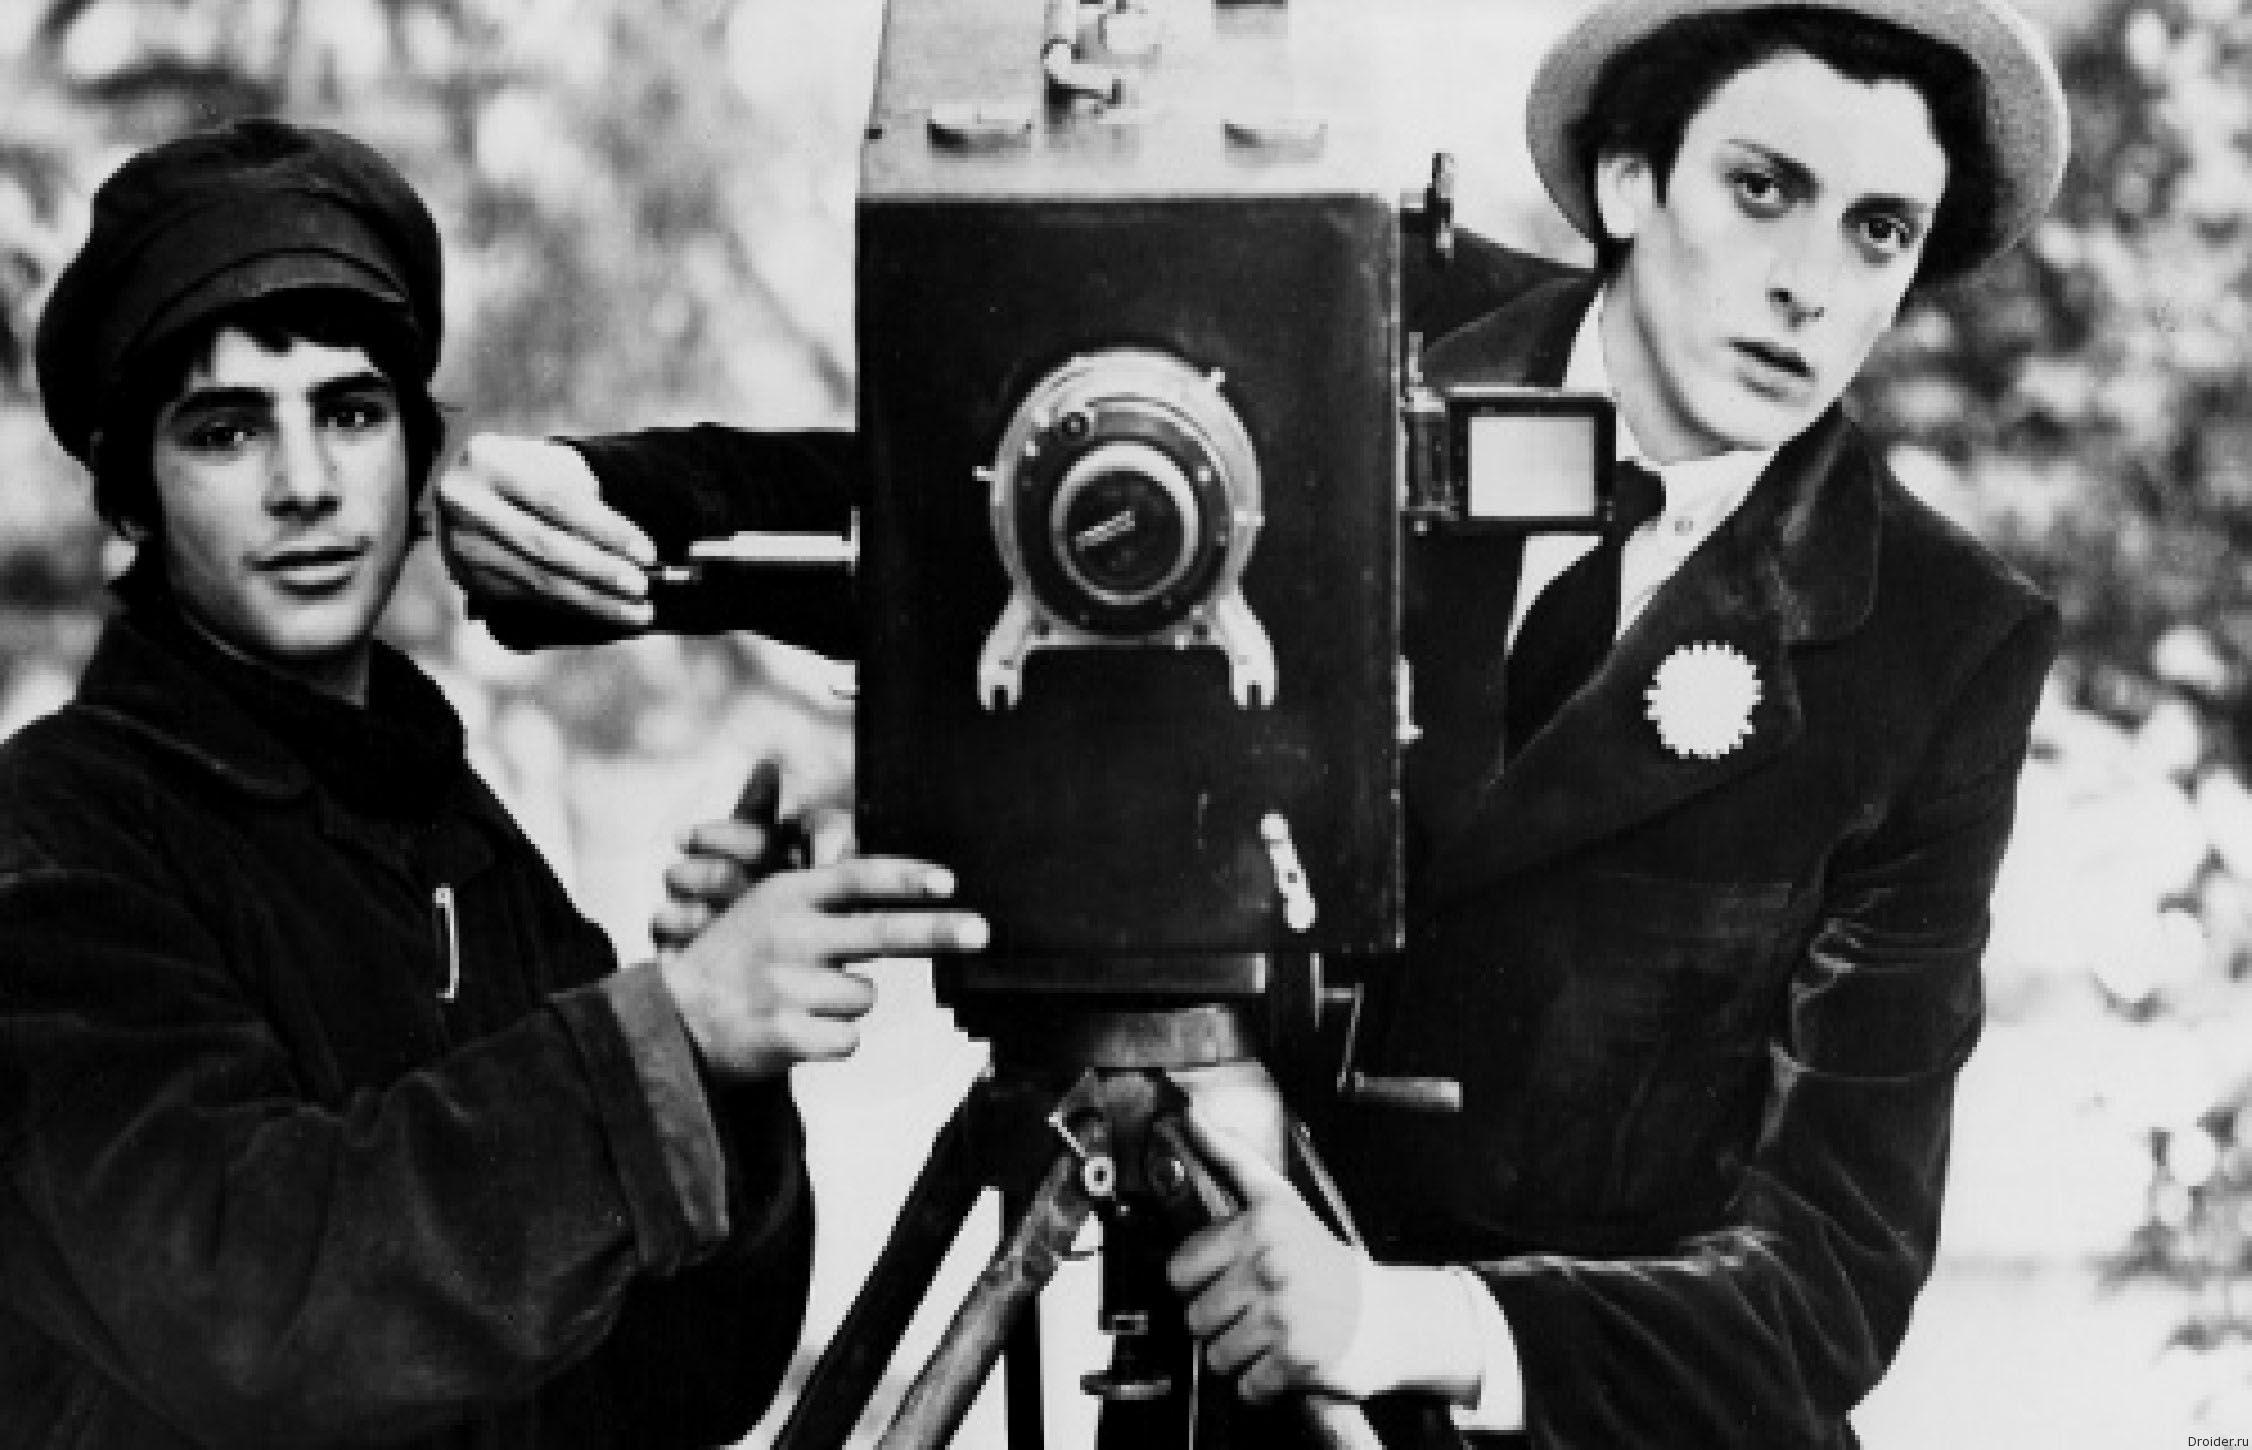 История одного патента: Эволюция видеокамеры от братьев Люмьер до наших дней